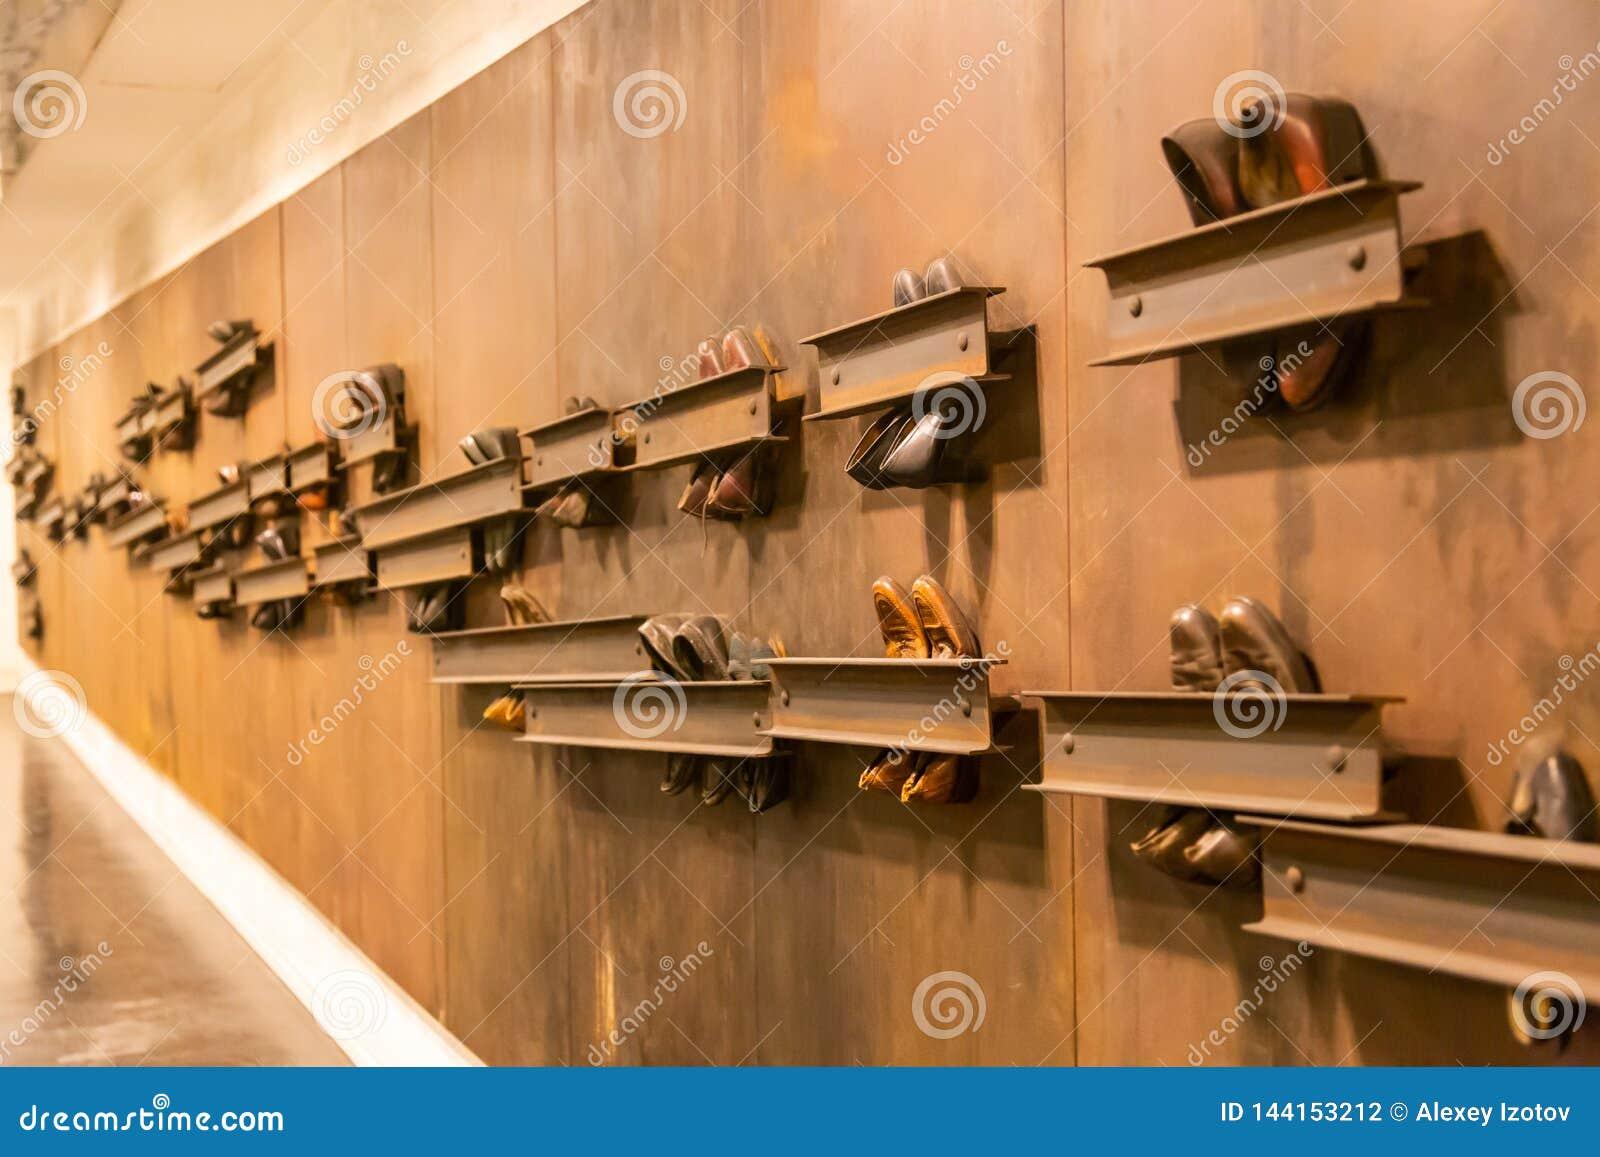 Αφηρημένη σύνθεση των εκλεκτής ποιότητας παπουτσιών που συνδέονται με τον τοίχο στην υπόγεια διάβαση